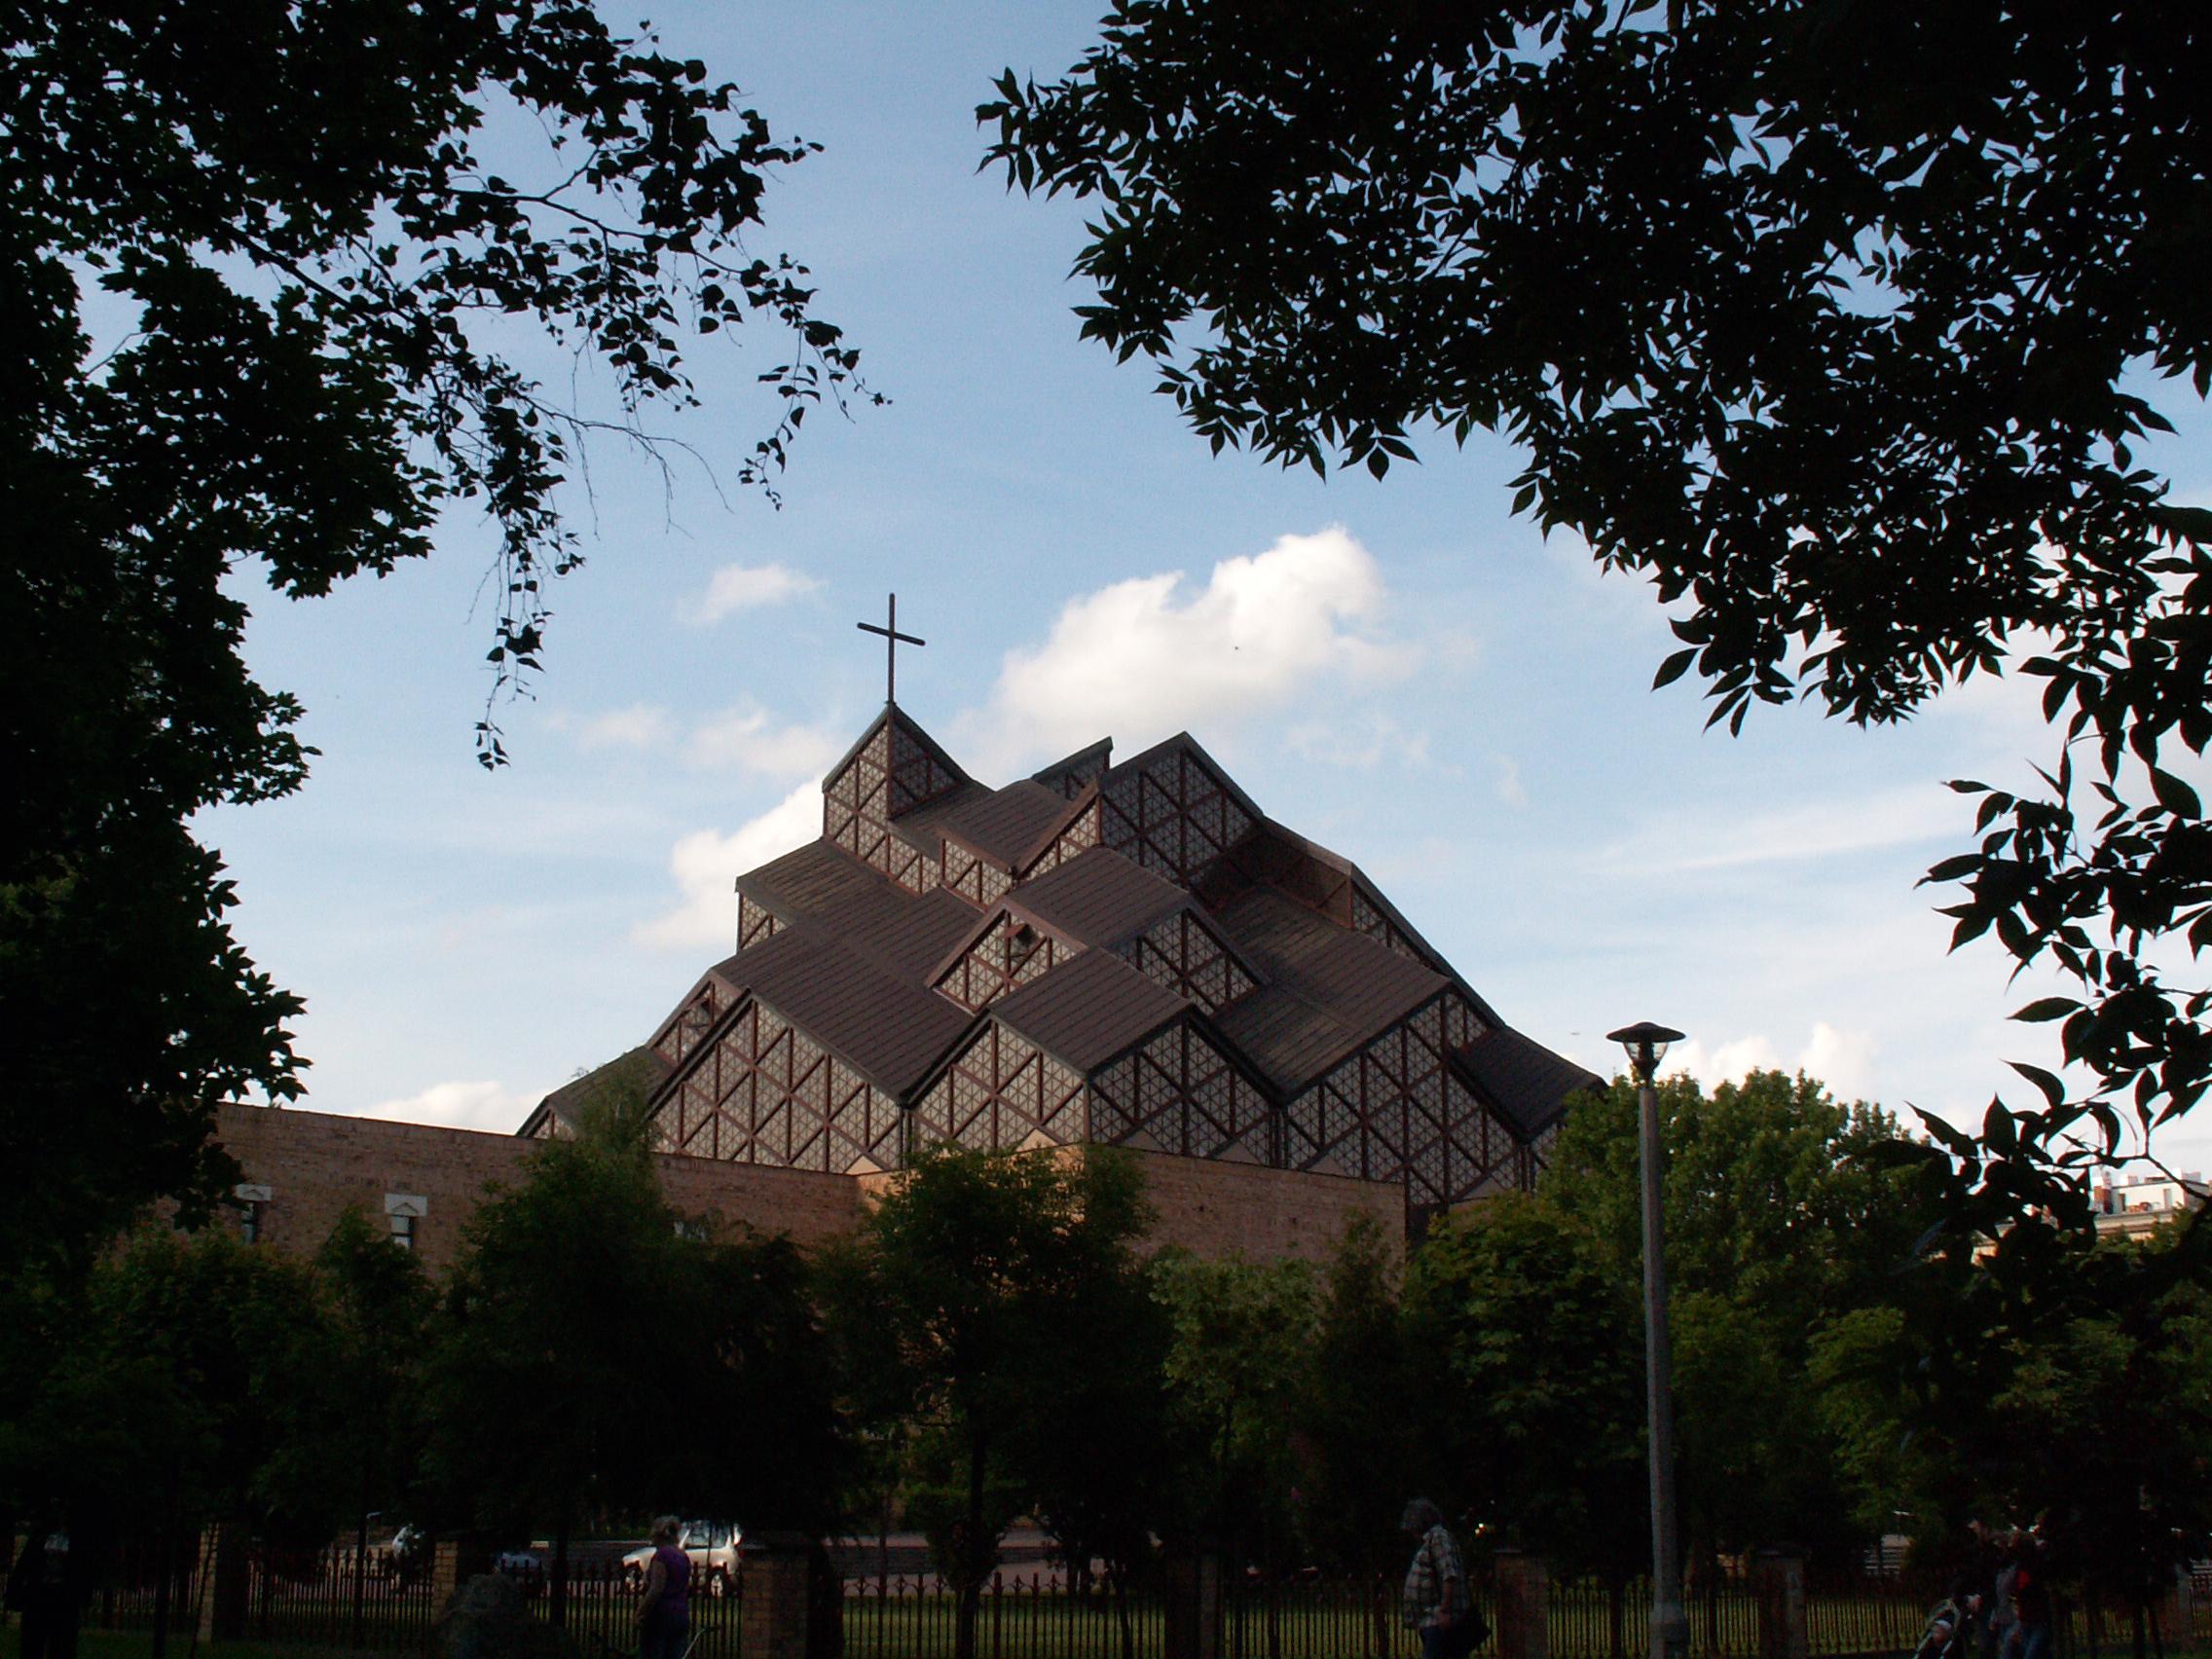 Zaczerpniete z http://upload.wikimedia.org